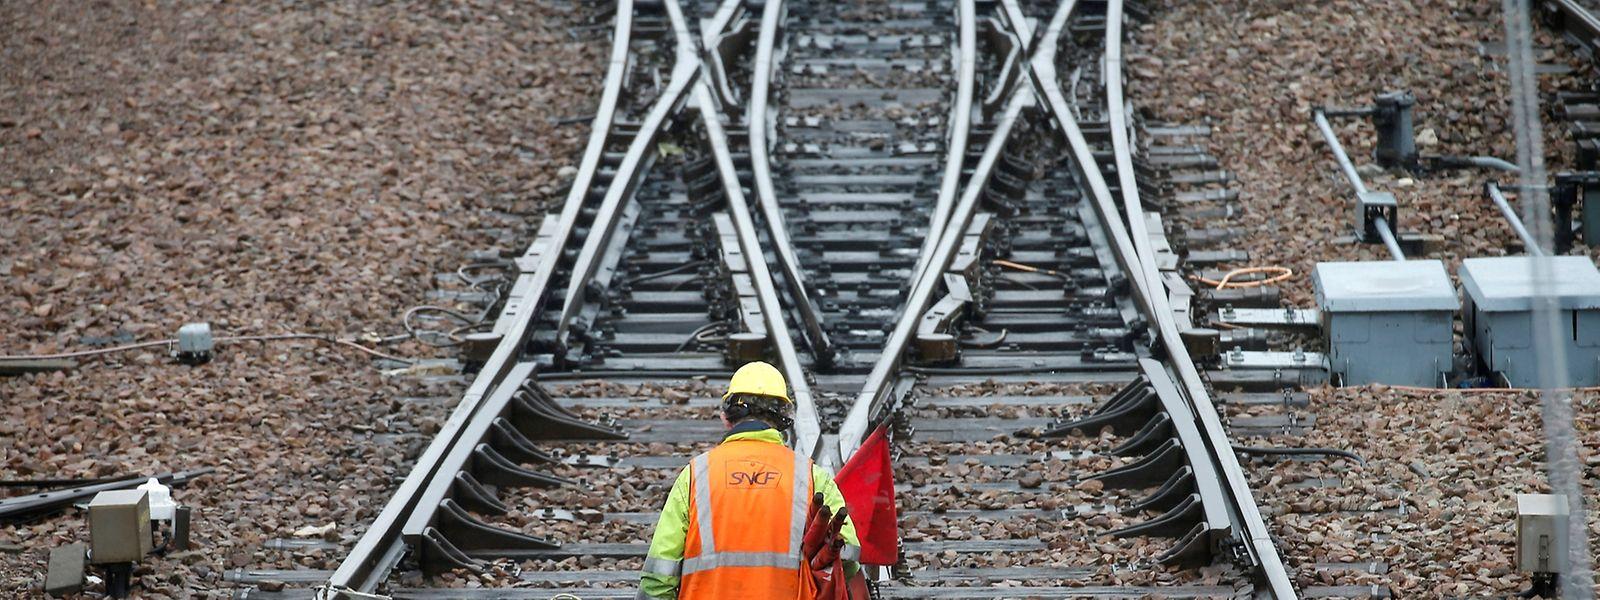 Auch am Freitag wird das französische Eisenbahnnetz bestreikt - zum Leidwesen Tausender Pendler.